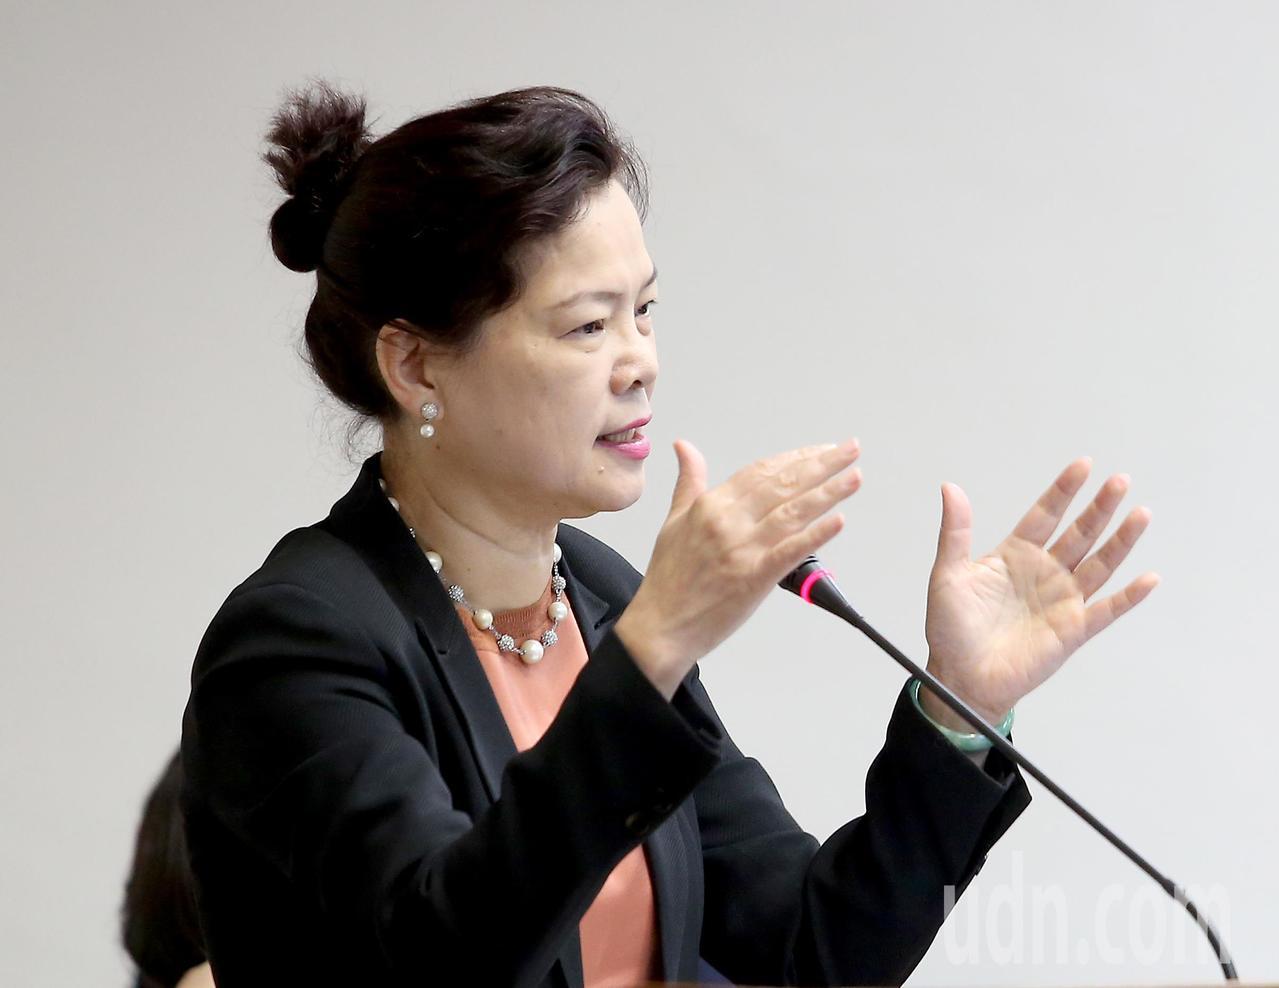 經濟部常務次長王美花選擇上升的「升」作為2017年的經濟代表字。記者余承翰/攝影